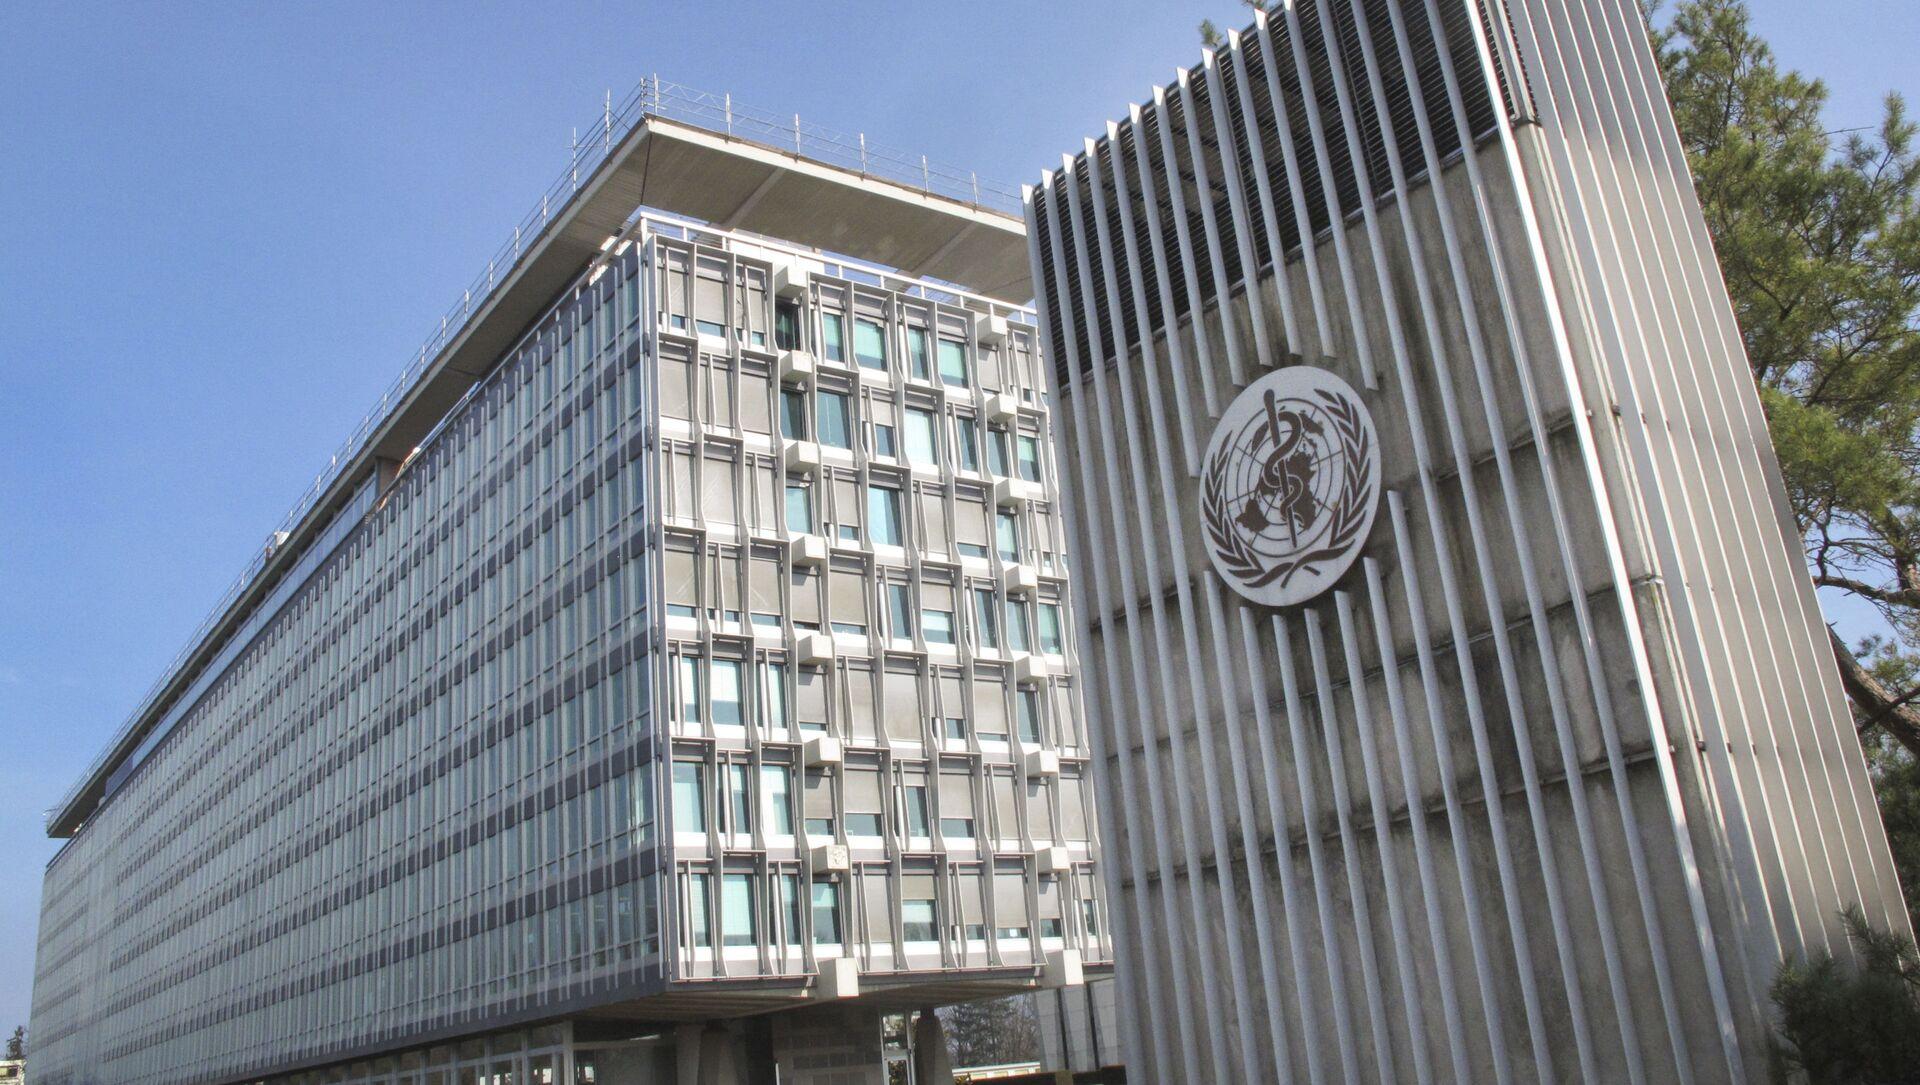 il quartier generale dell'OMS a Ginevra - Sputnik Italia, 1920, 23.04.2021